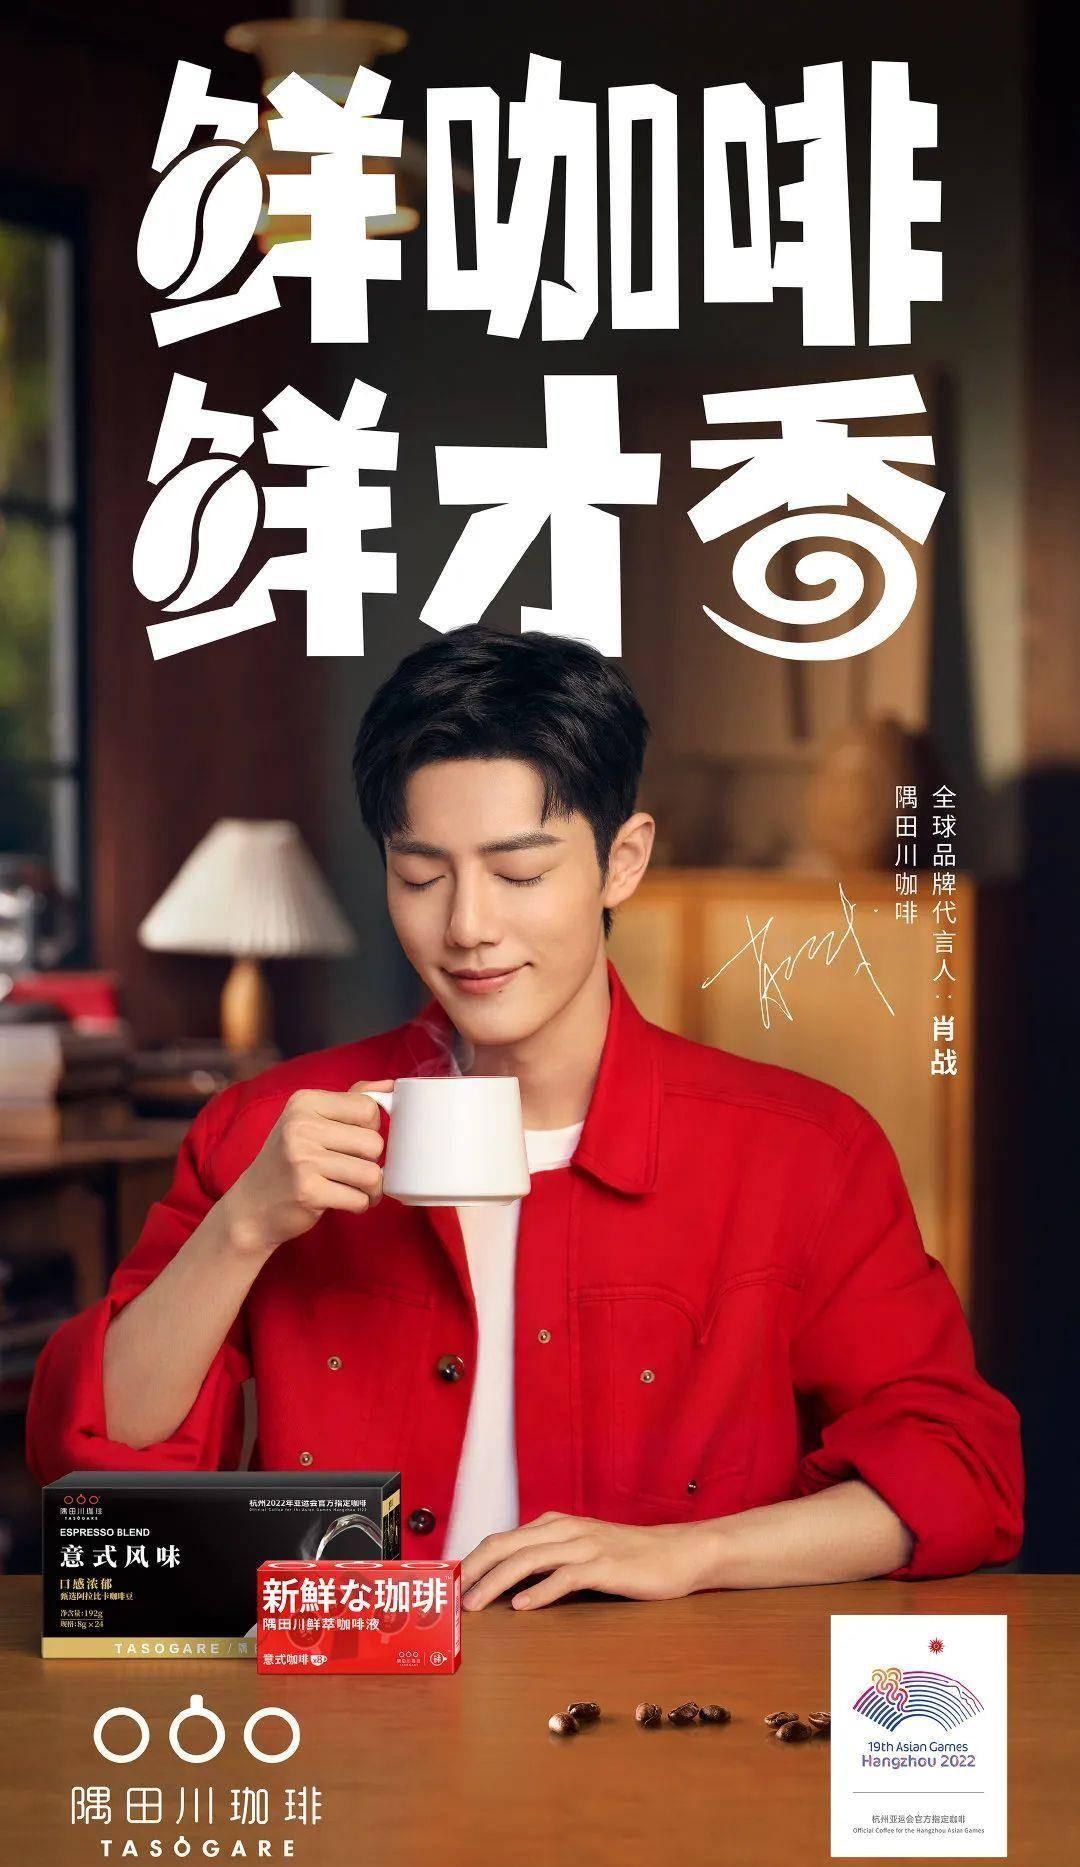 原创             龚俊拿下LV合作,肖战成新咖啡品牌全球代言人